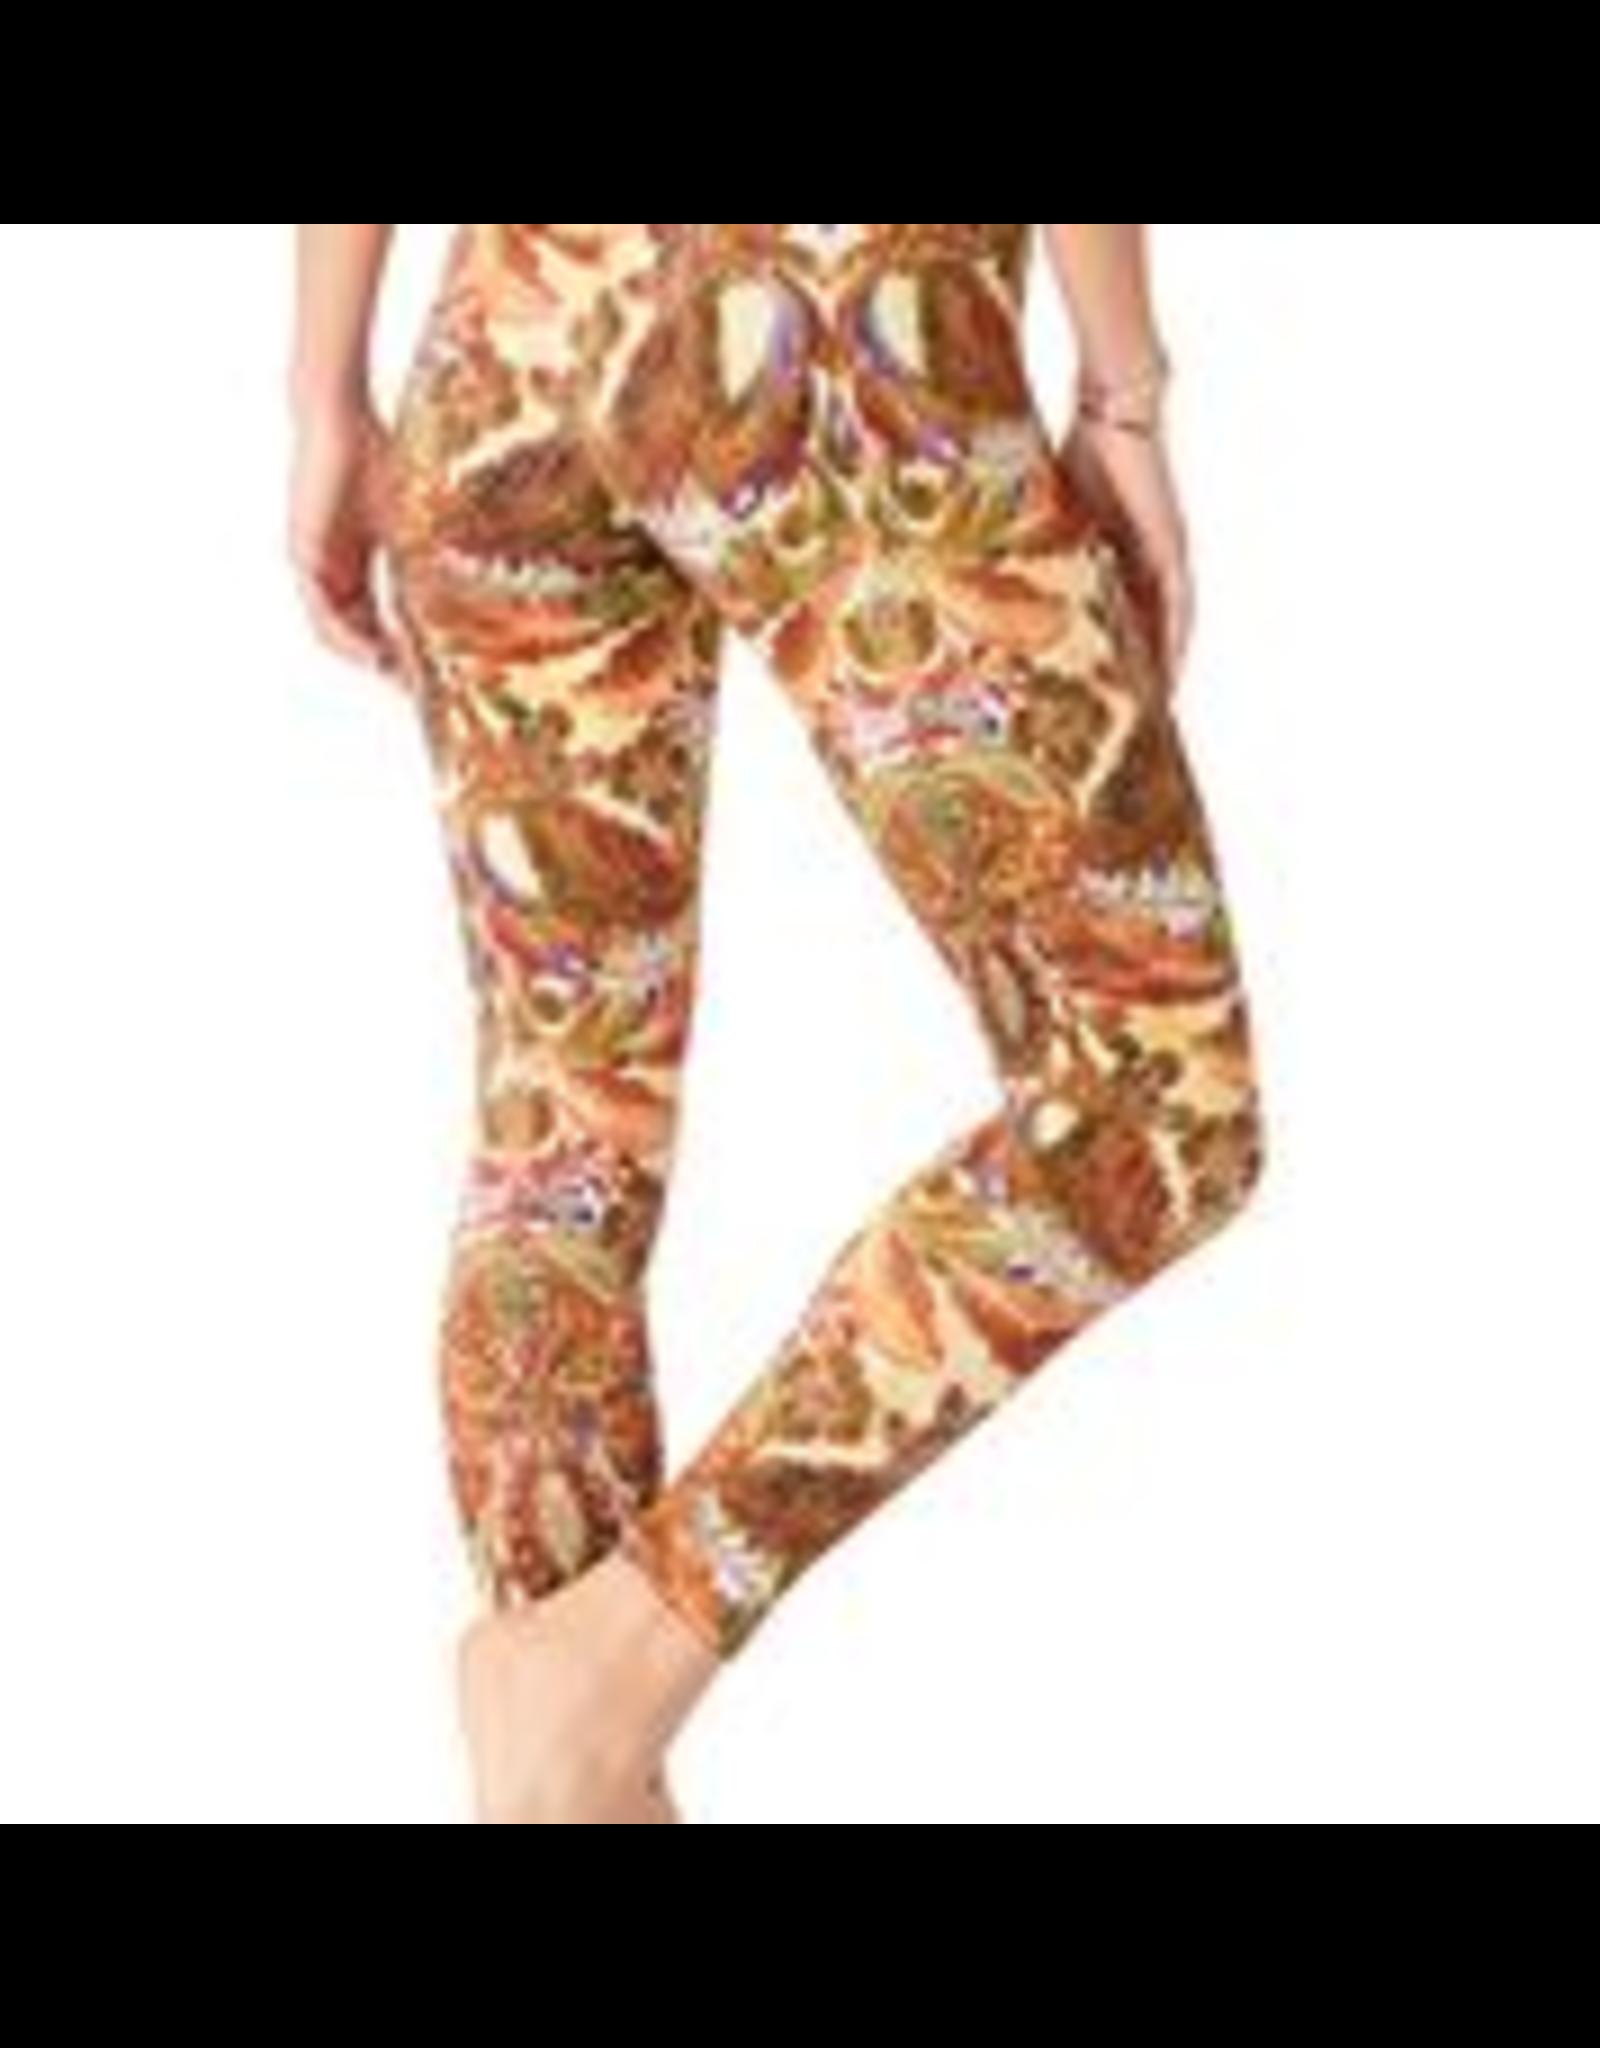 Mandala PA56JE99 Join the class legging